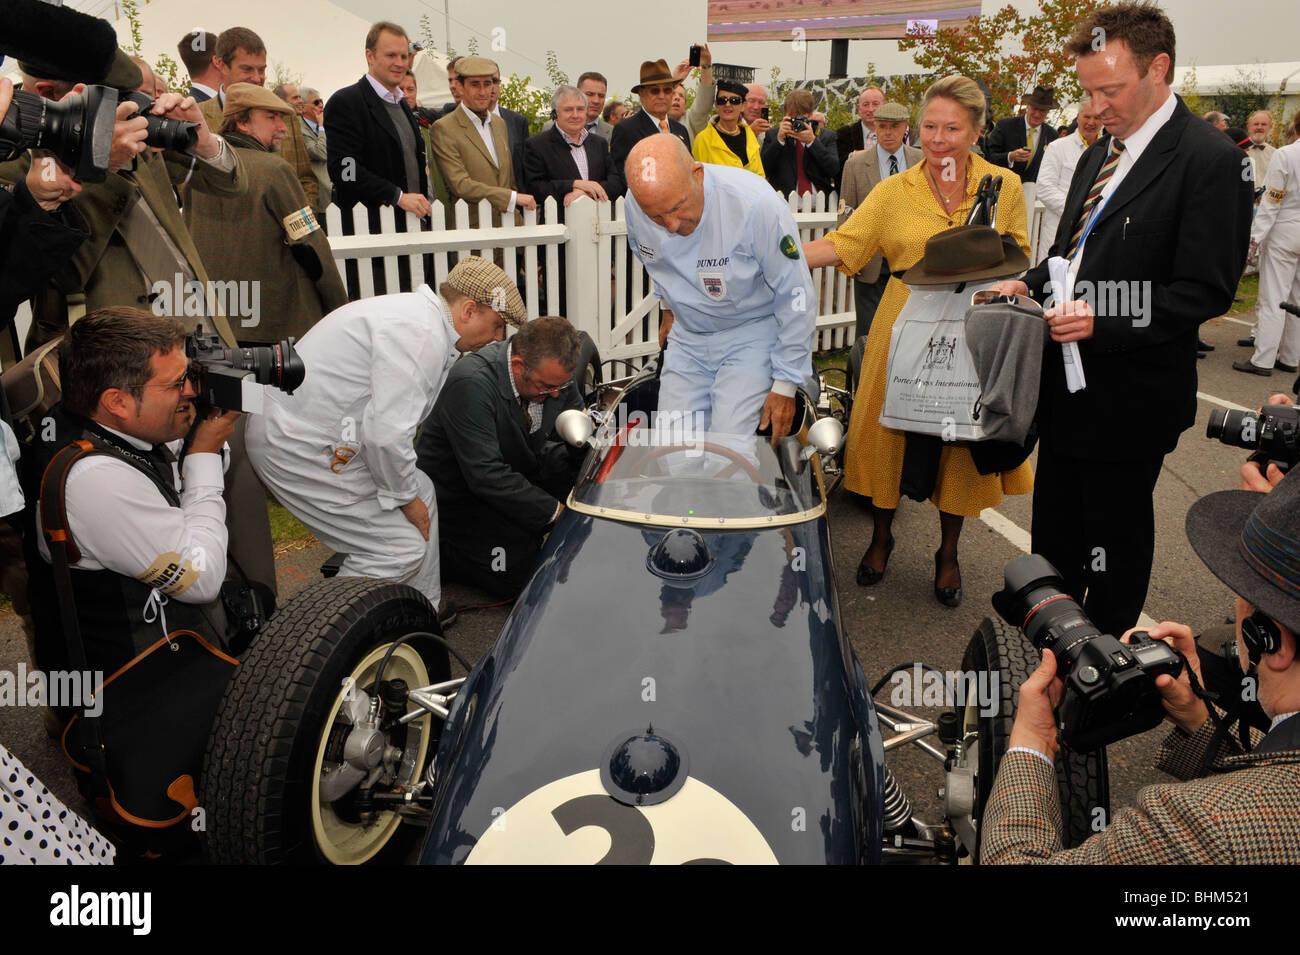 Sir Stirling Moss obe in Goodwood Revival 2009 mit seiner Frau Susie seinen 80. Geburtstag feiert. Stockbild